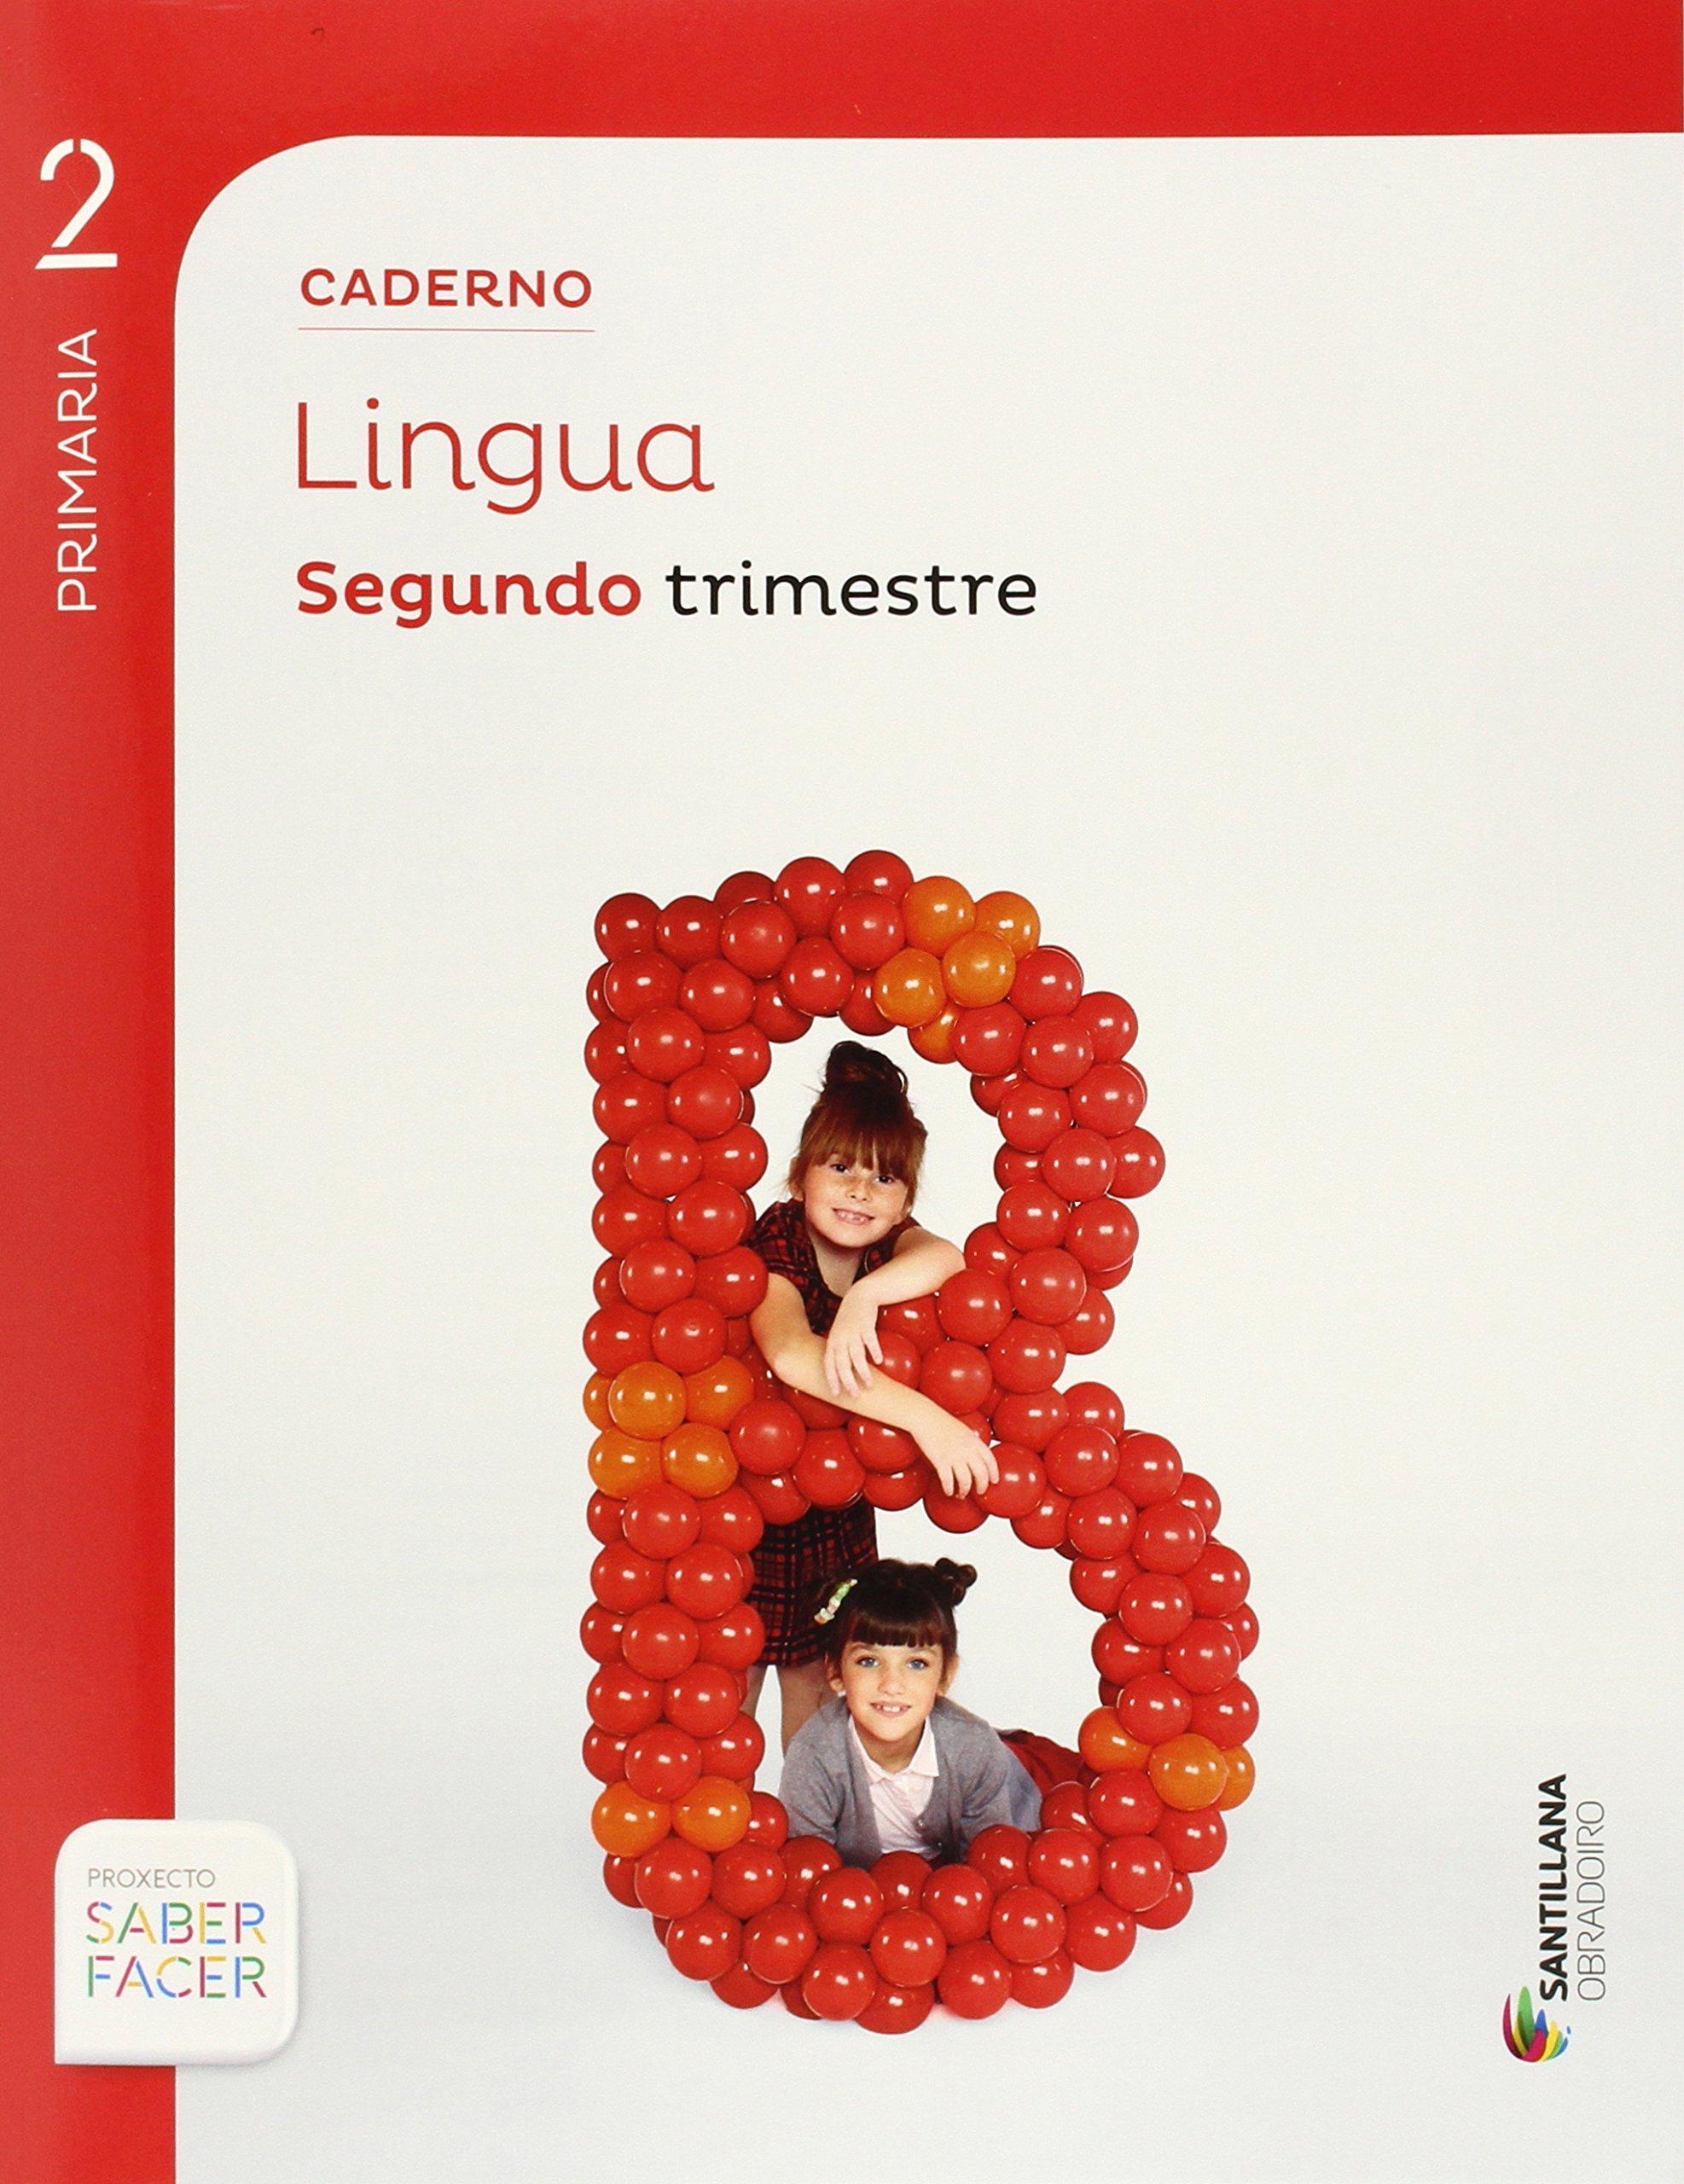 CADERNO LINGUA 2 PRIMARIA SEGUNDO TRIMESTRE SABER pdf